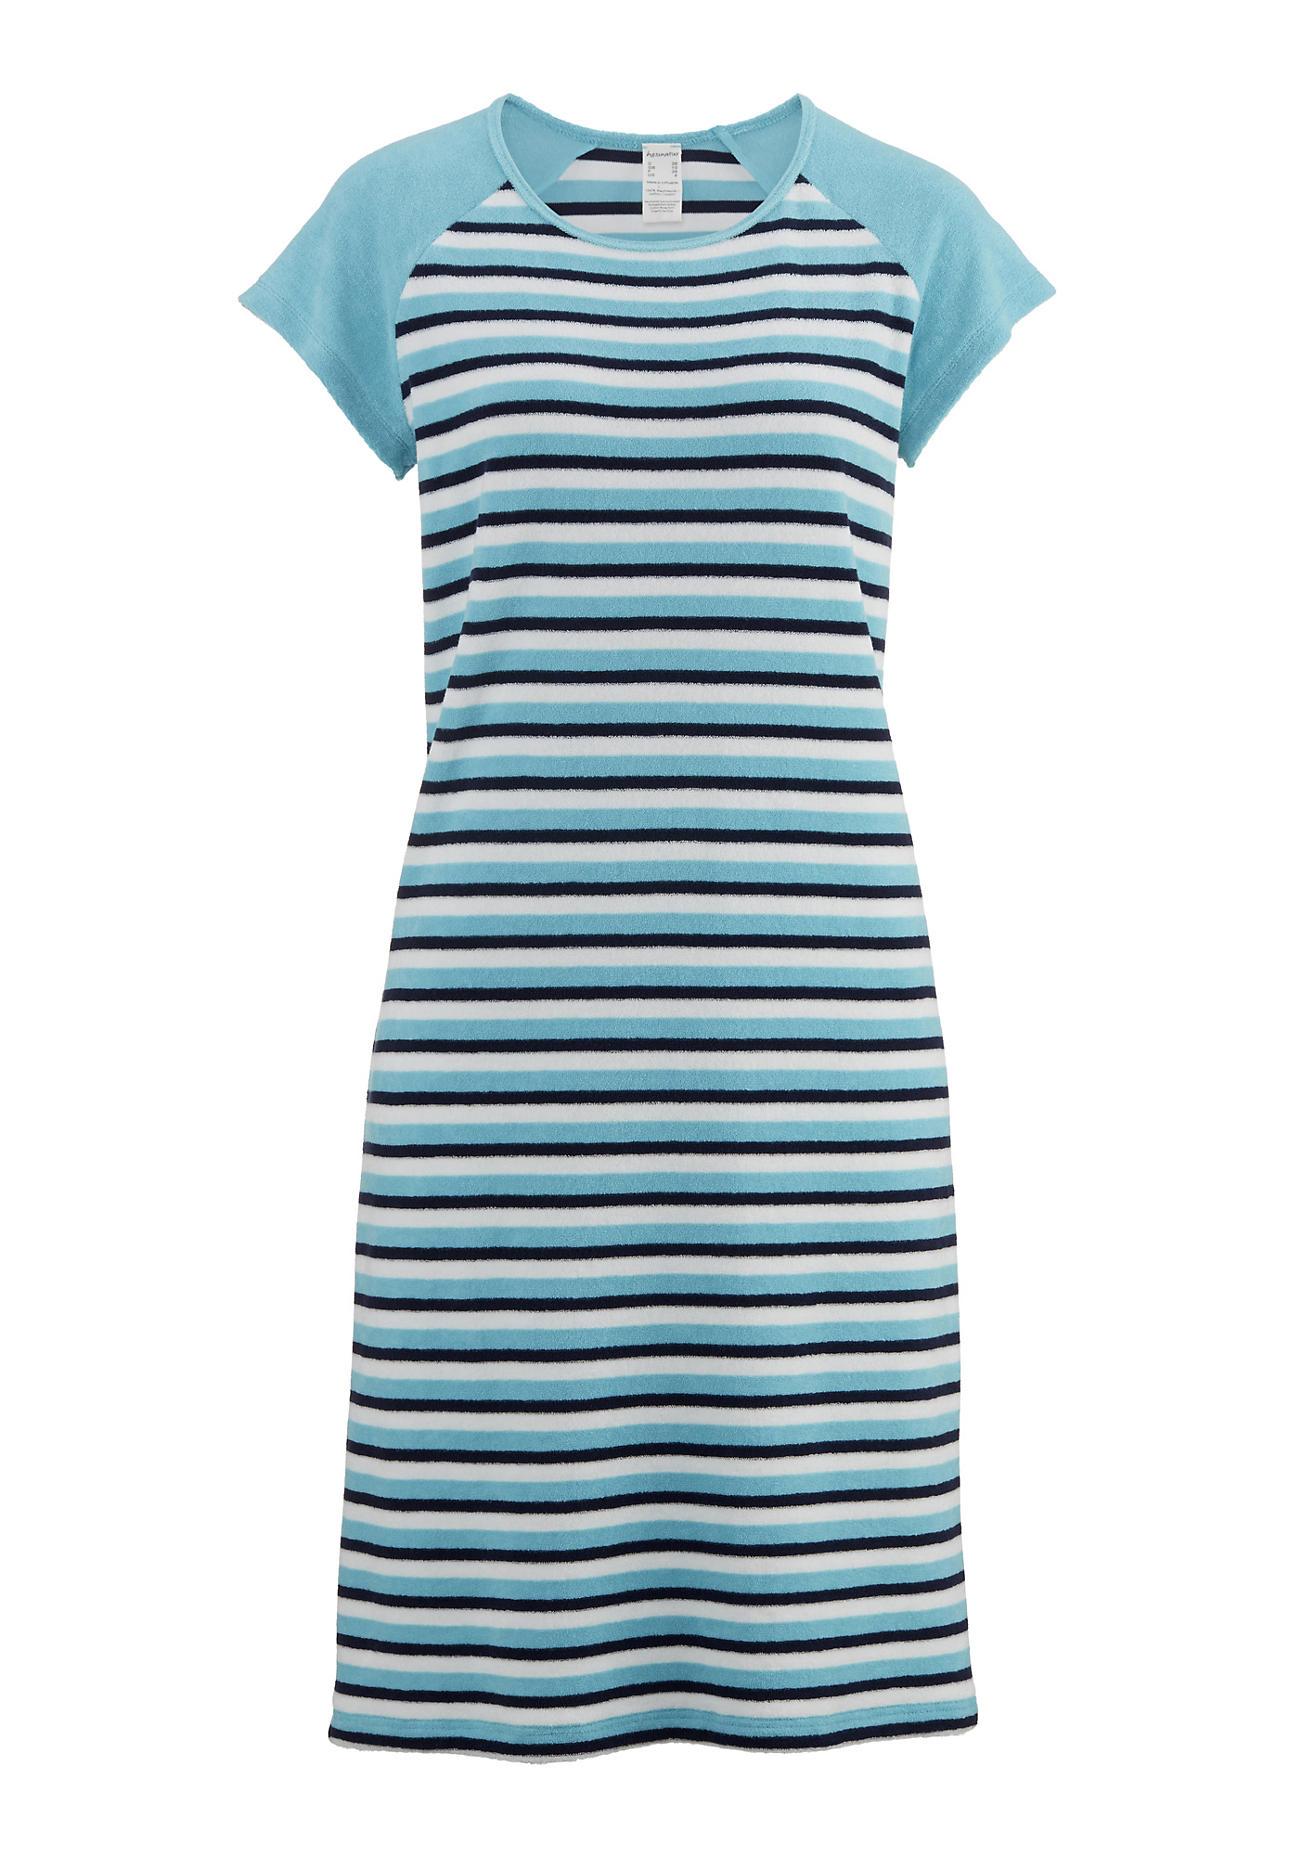 Waesche für Frauen - hessnatur Damen Damen Frottee Nachthemd aus Bio Baumwolle – blau – Größe 38  - Onlineshop Hessnatur